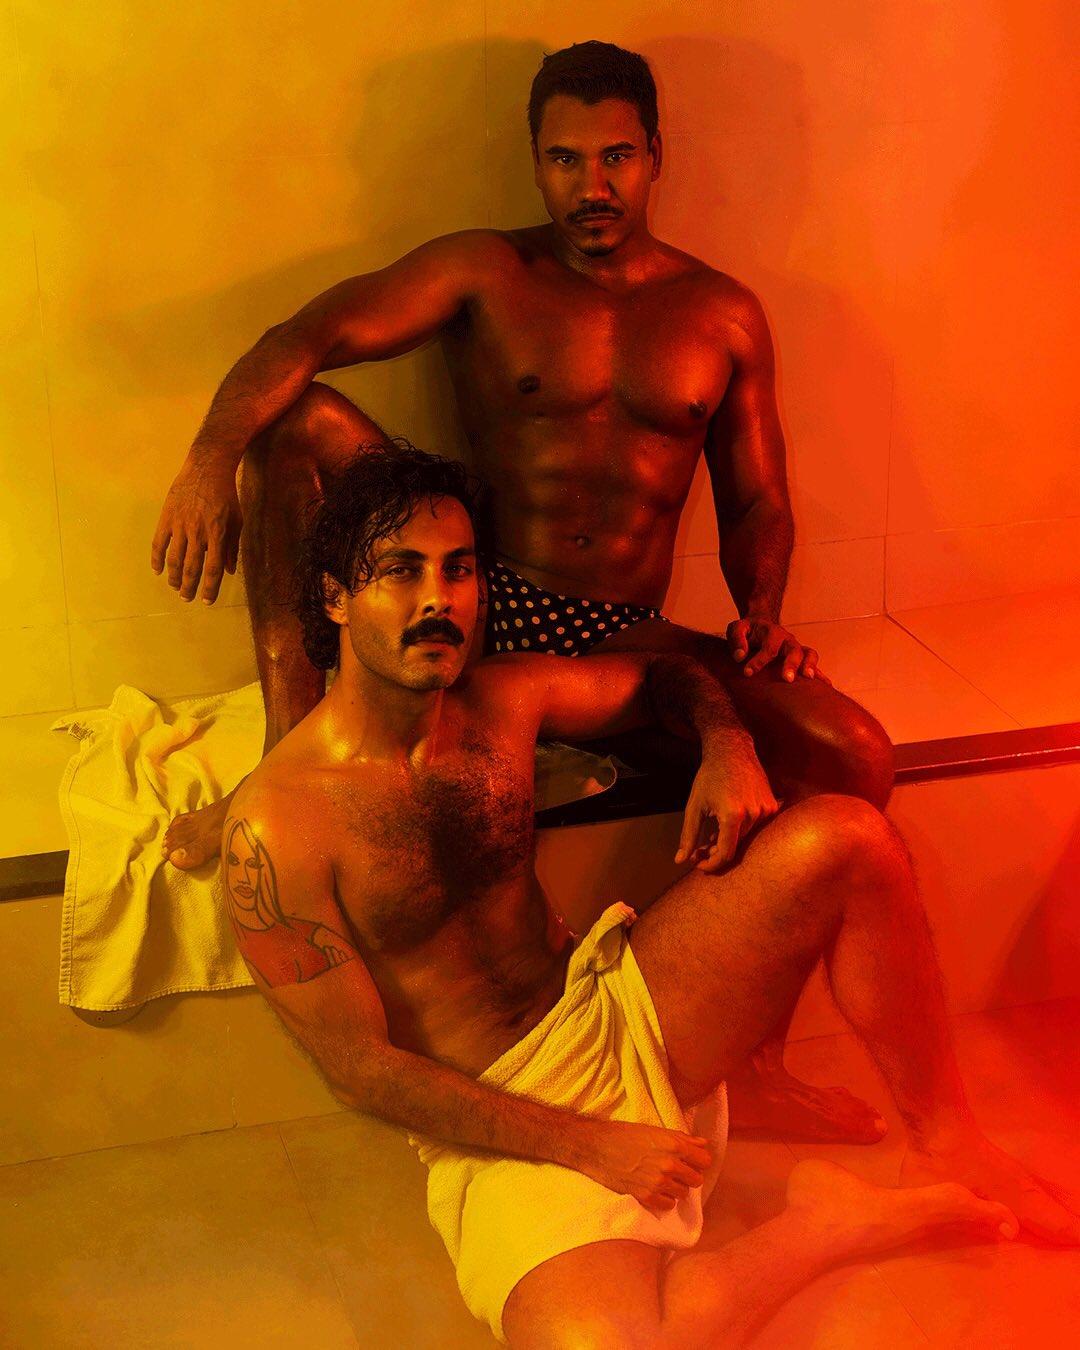 machos en el sauna caliente